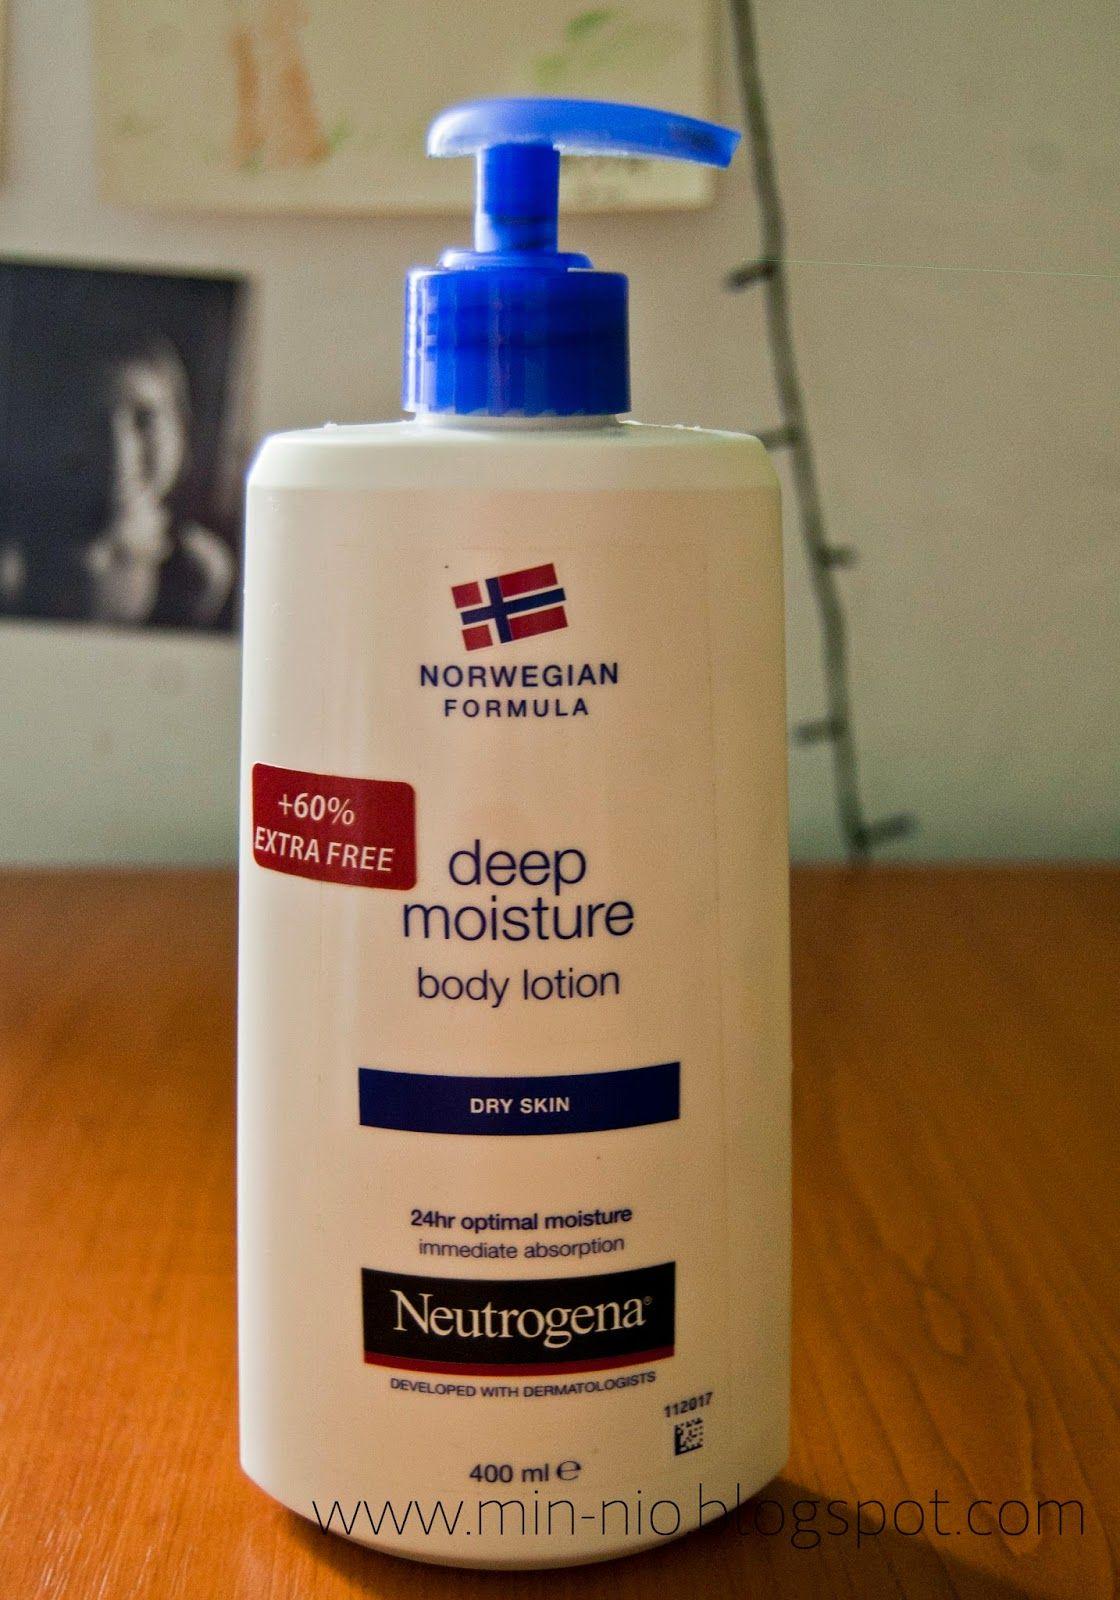 neutrogena body lotion for dry skin